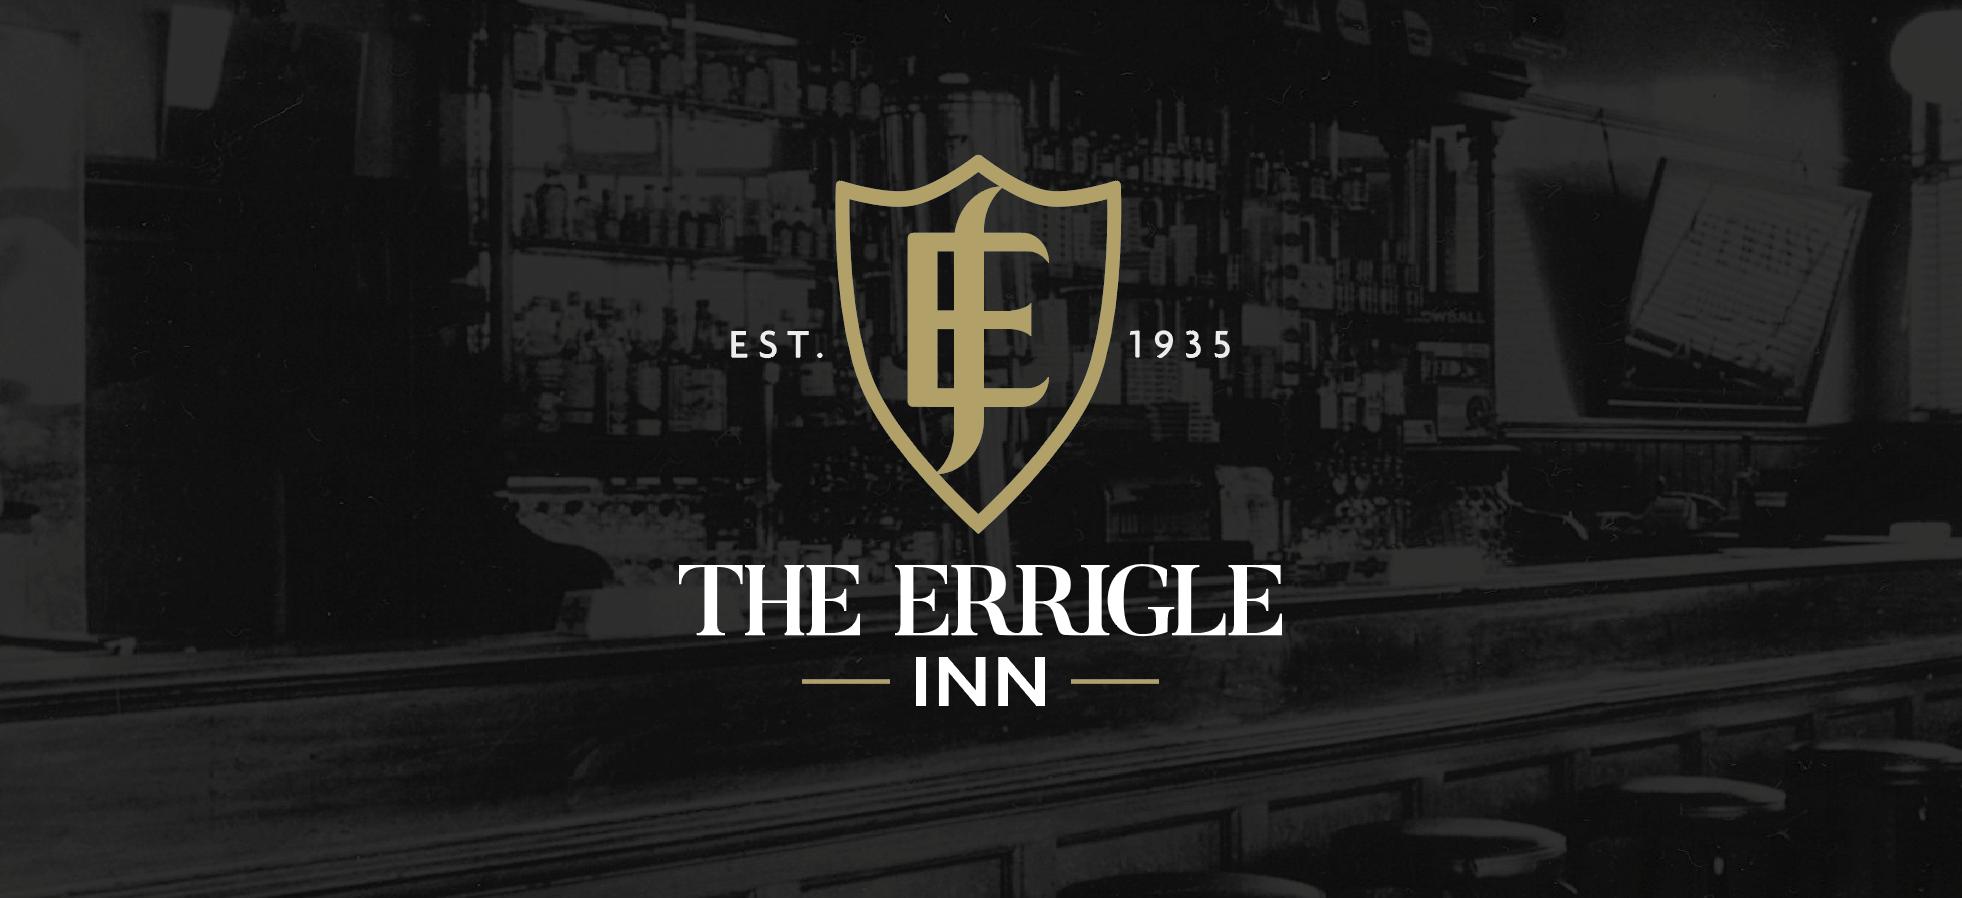 The Errigle Inn